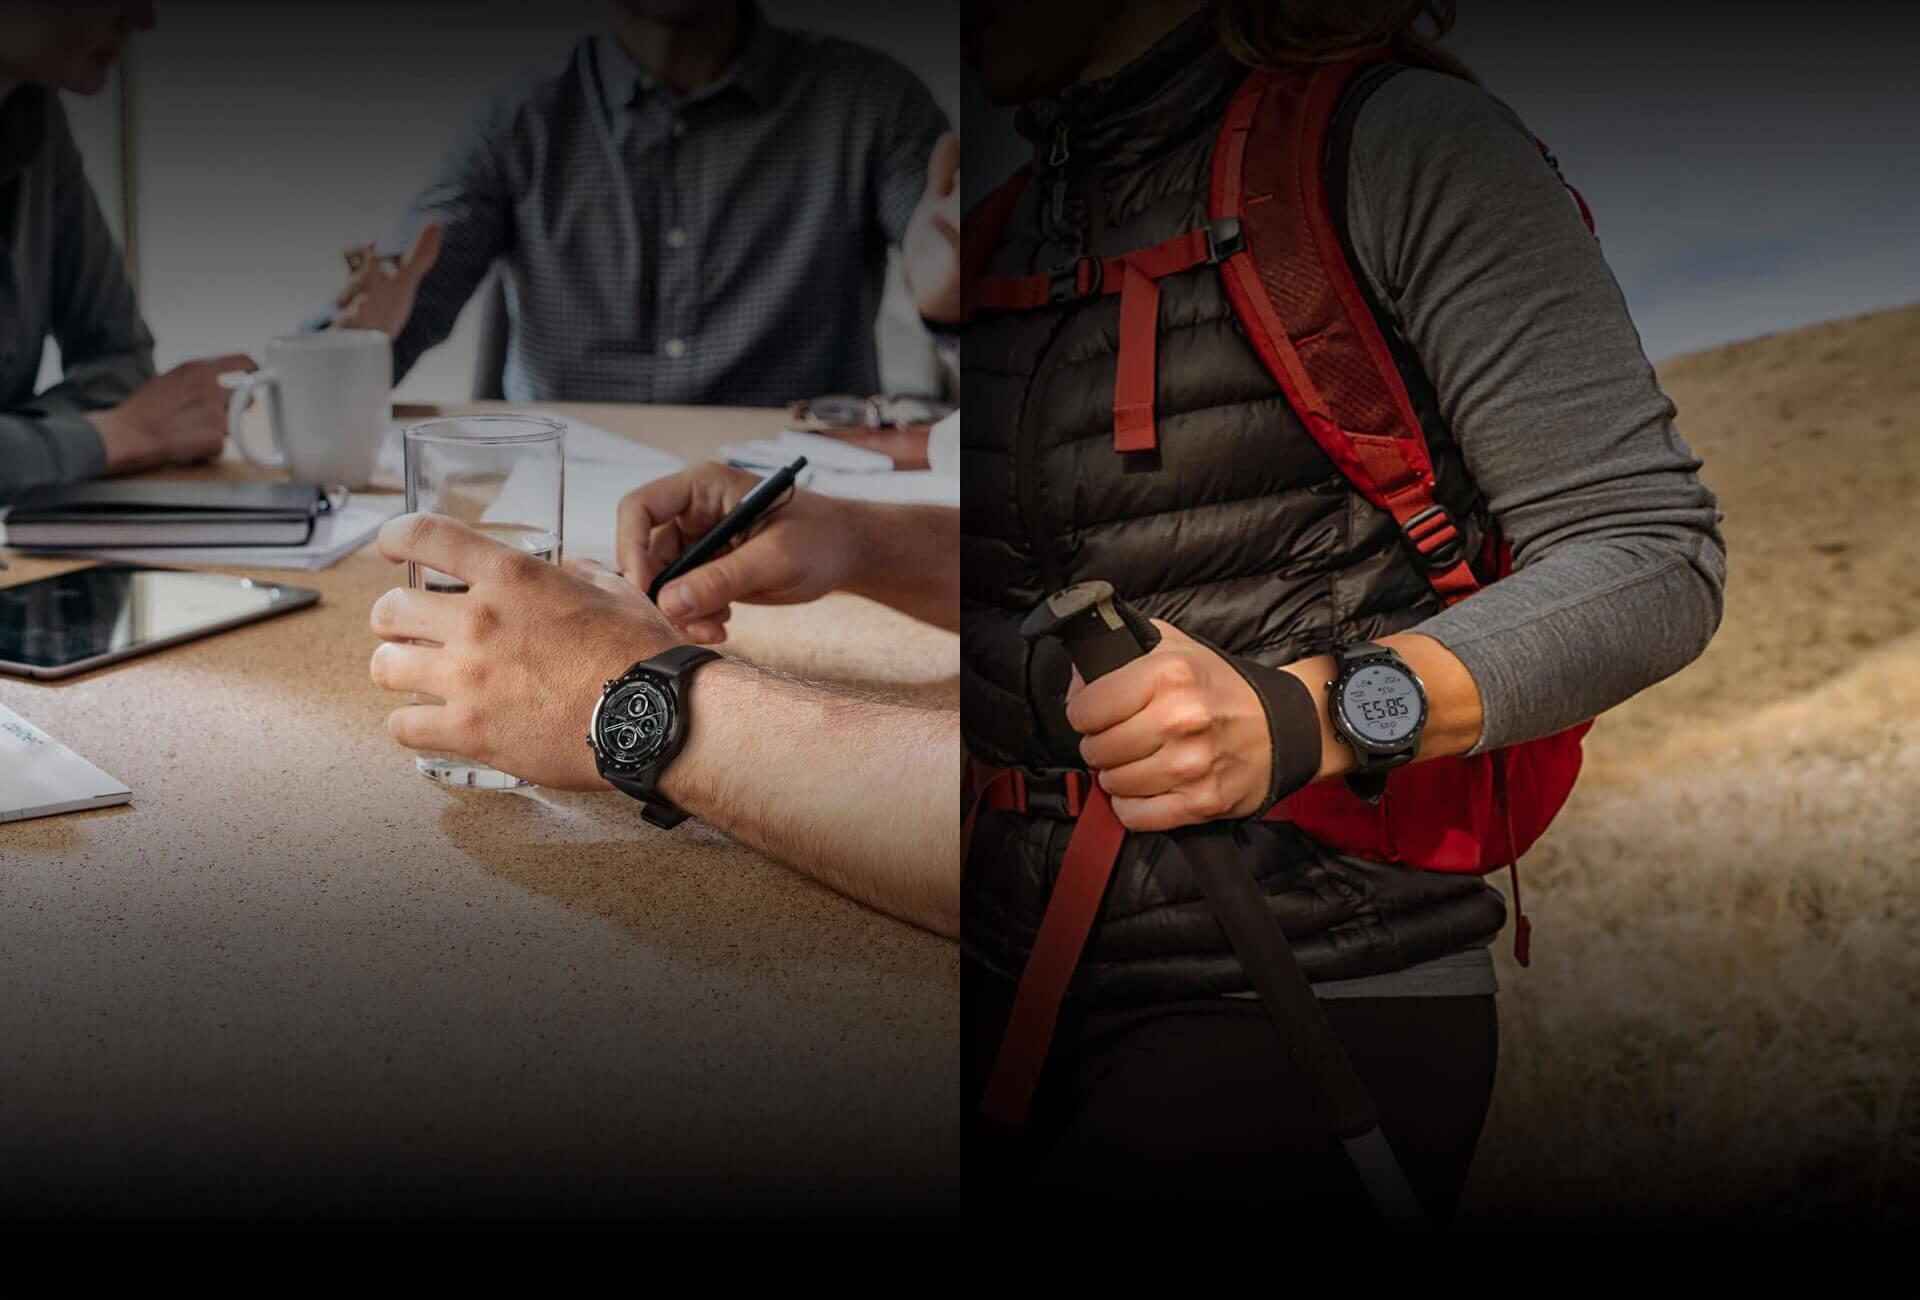 Zococity distribuirá los smartwatch TicWatch de Mobvoi